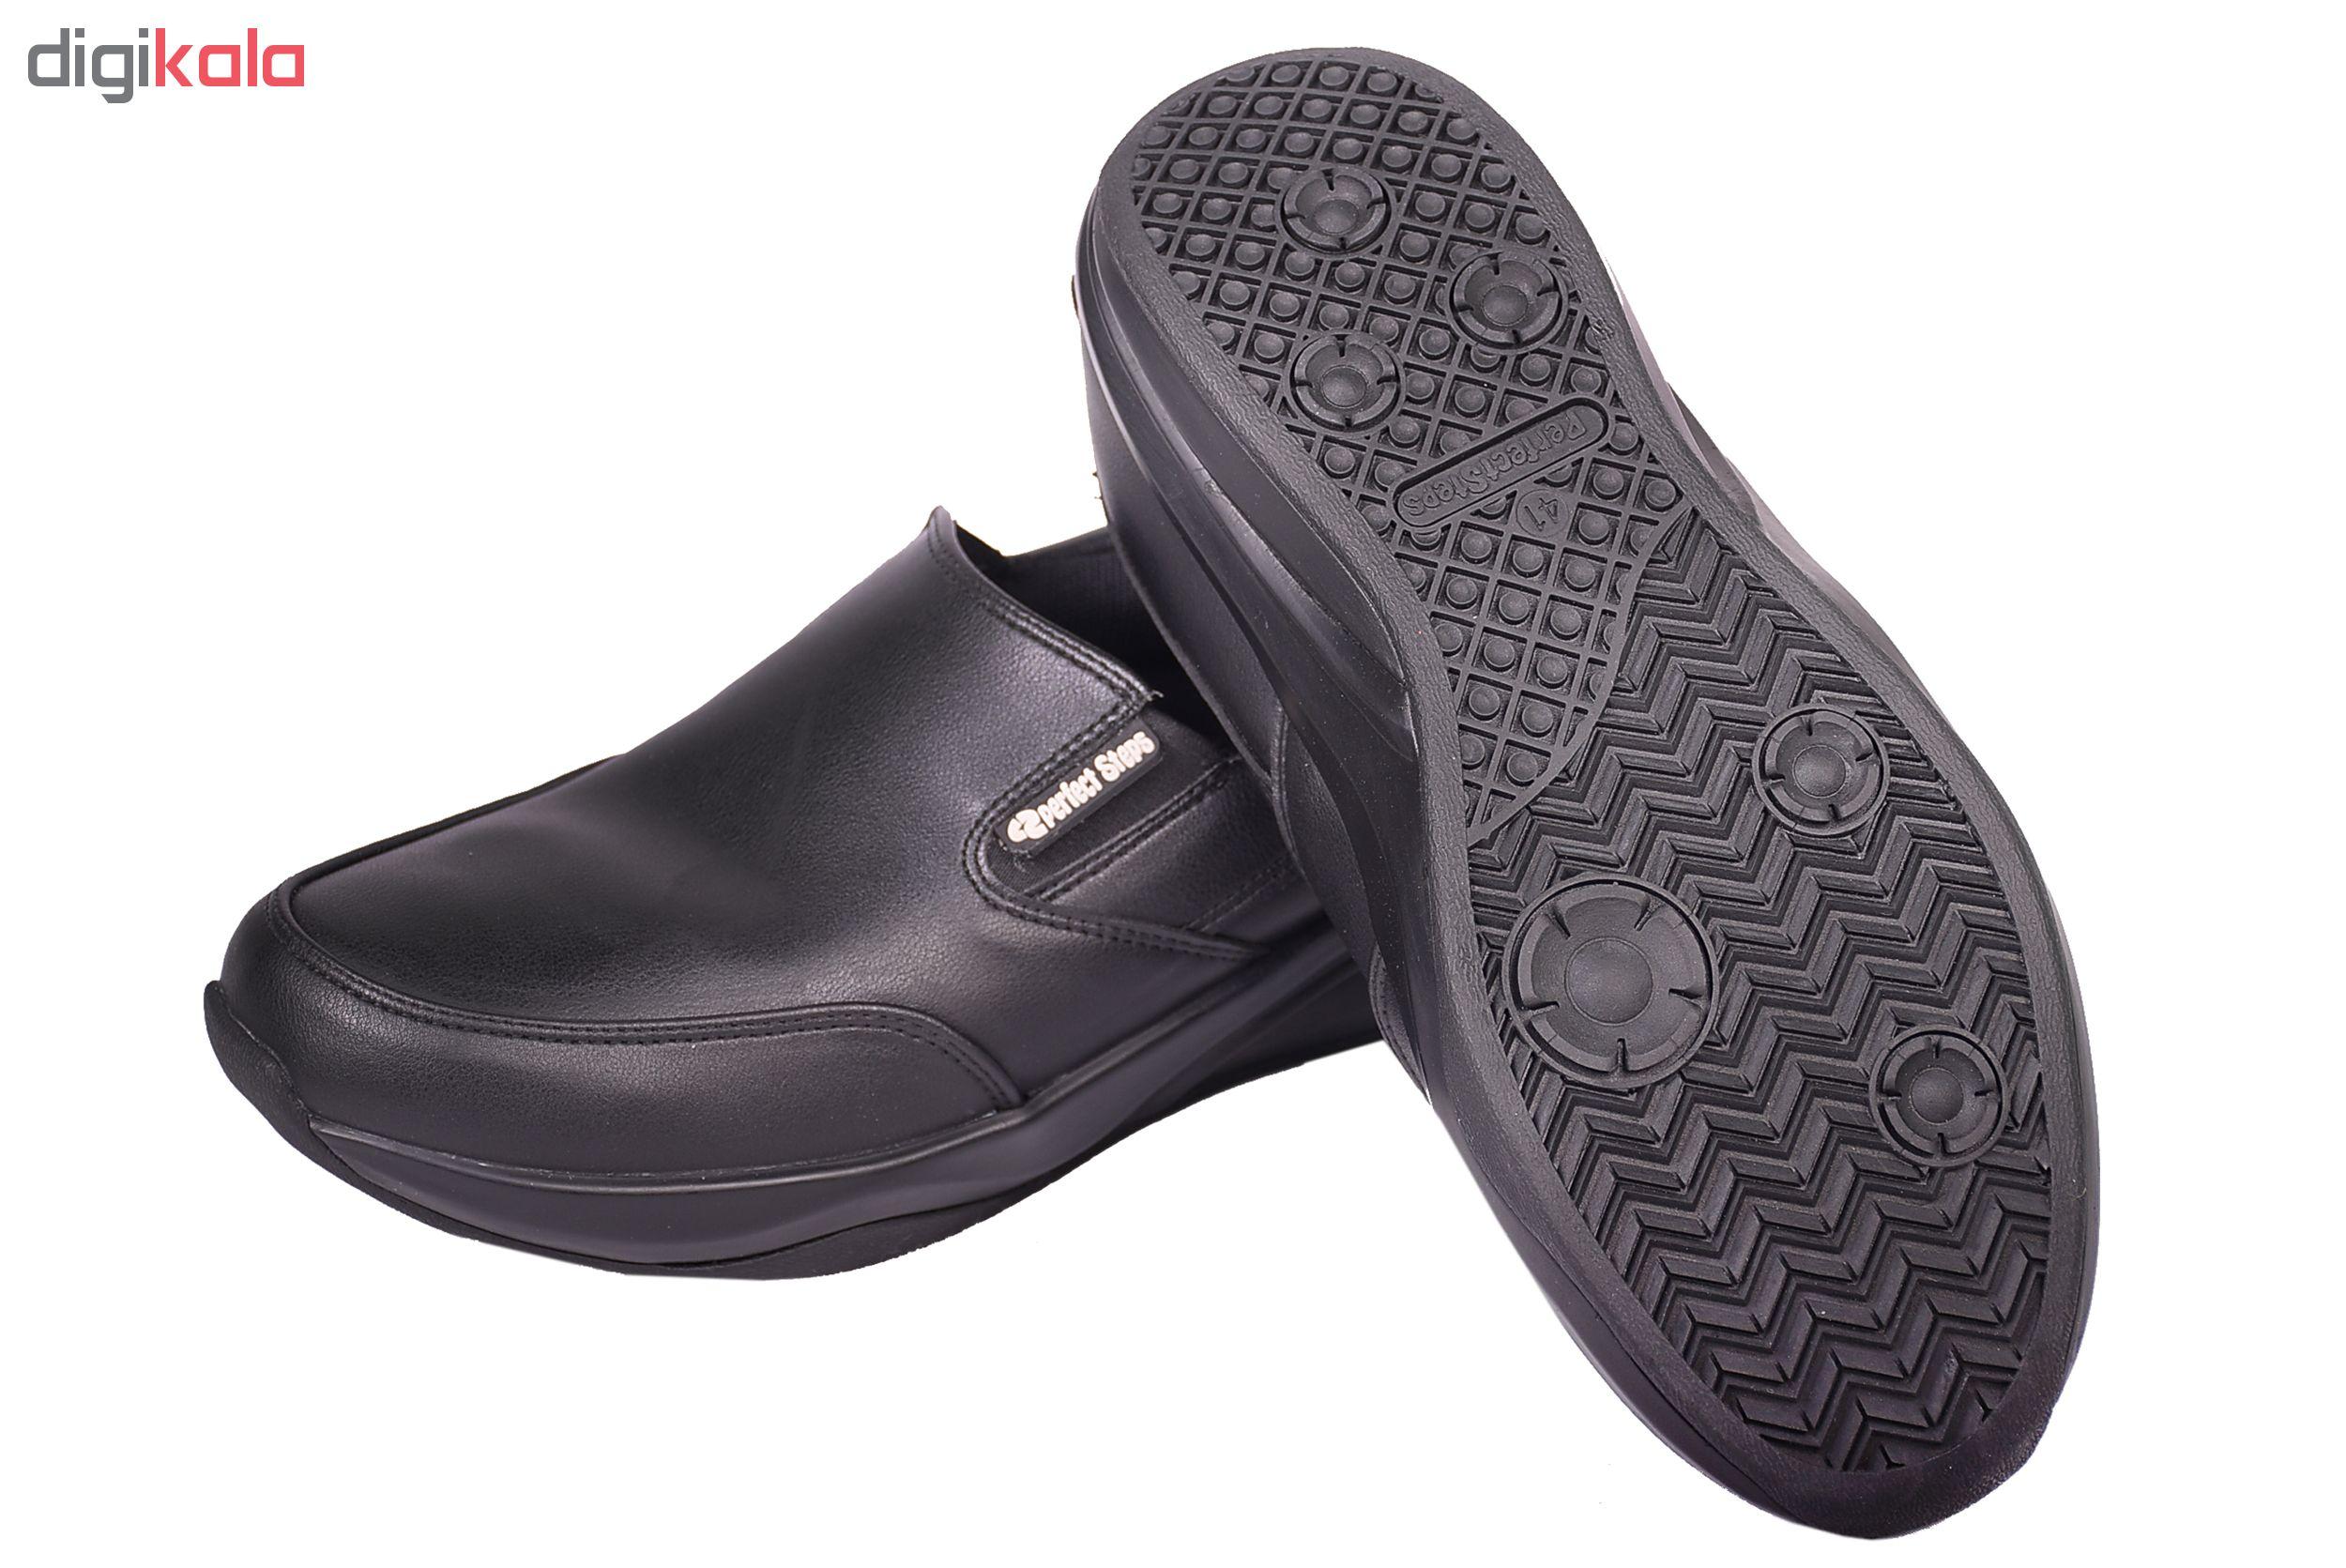 کفش مردانه پرفکت استپس مدل پریمو کد 1983 رنگ مشکی